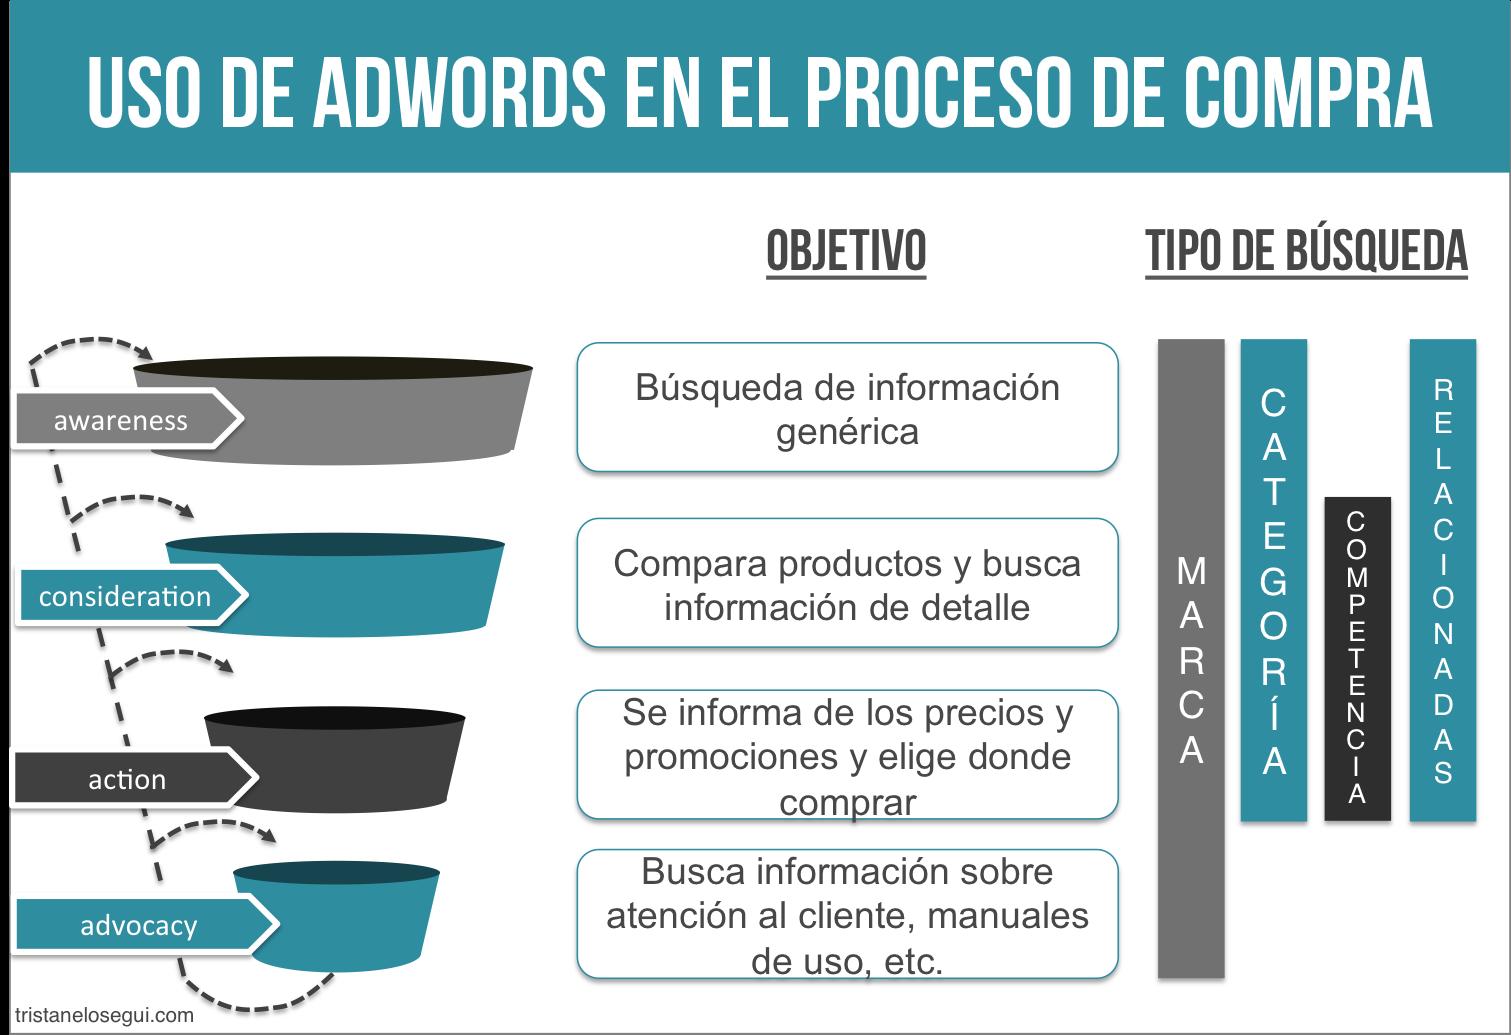 Papel de adwords en el proceso de compra